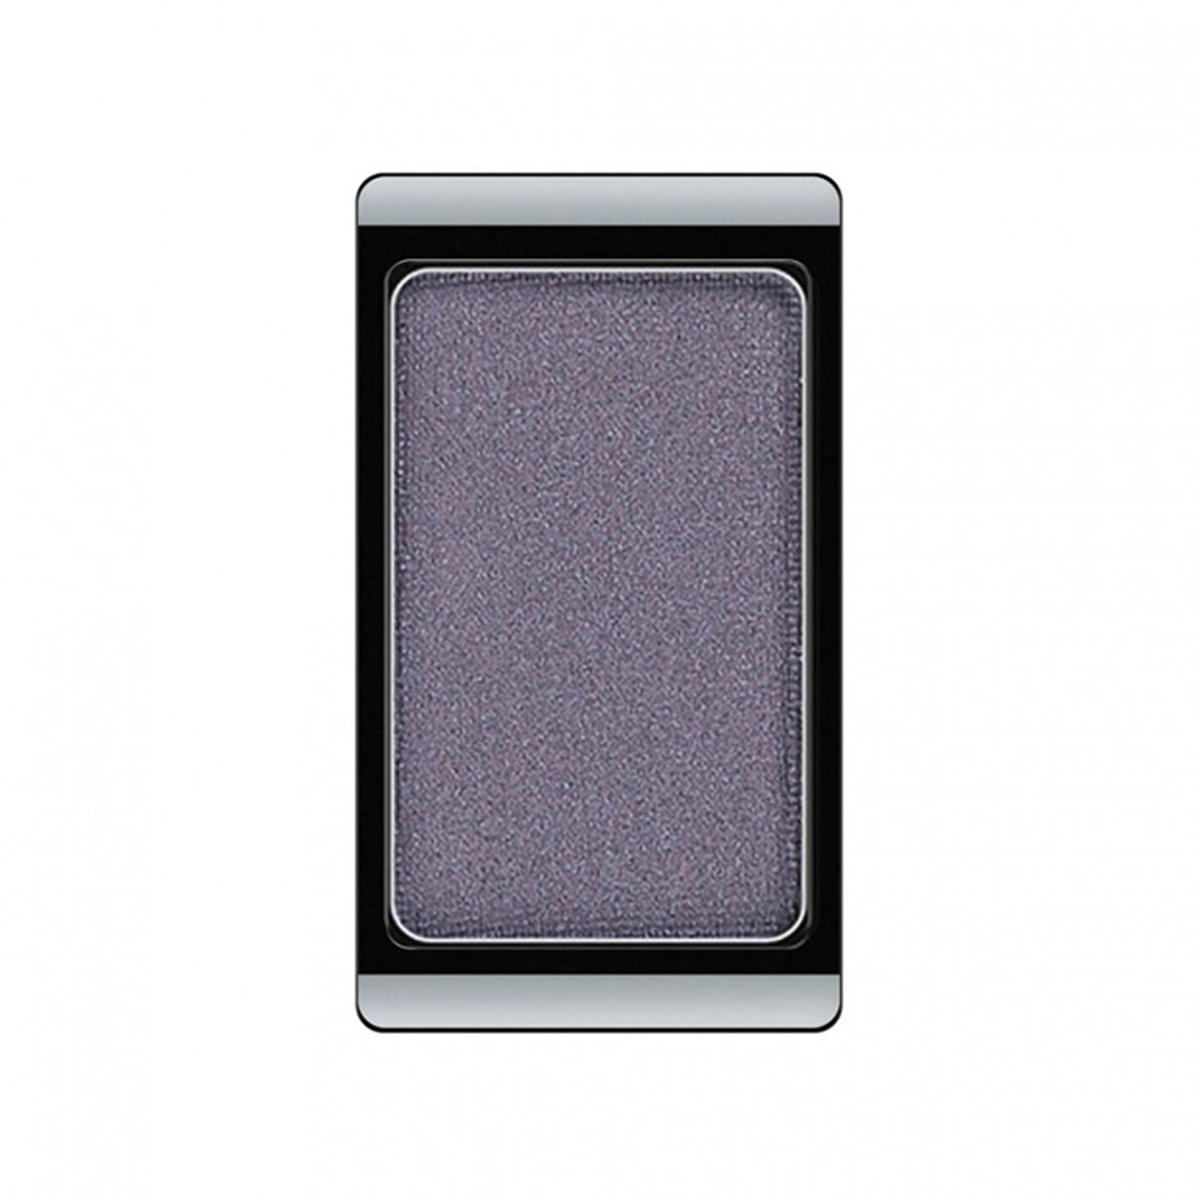 Artdeco Тени для век, перламутровые, 1 цвет, тон №92, 0,8 г111816Перламутровые тени для век Artdeco придадут вашему взгляду выразительную глубину. Их отличает высокая стойкость и невероятно легкое нанесение. Это профессиональный продукт для несравненного результата! Упаковка на магнитах позволяет комбинировать тени по вашему выбору в элегантные коробочки. Тени Artdeco дарят возможность почувствовать себя своим собственным художником по макияжу!Характеристики:Вес: 0,8 г. Тон: №92. Производитель: Германия. Артикул: 30.92. Товар сертифицирован.